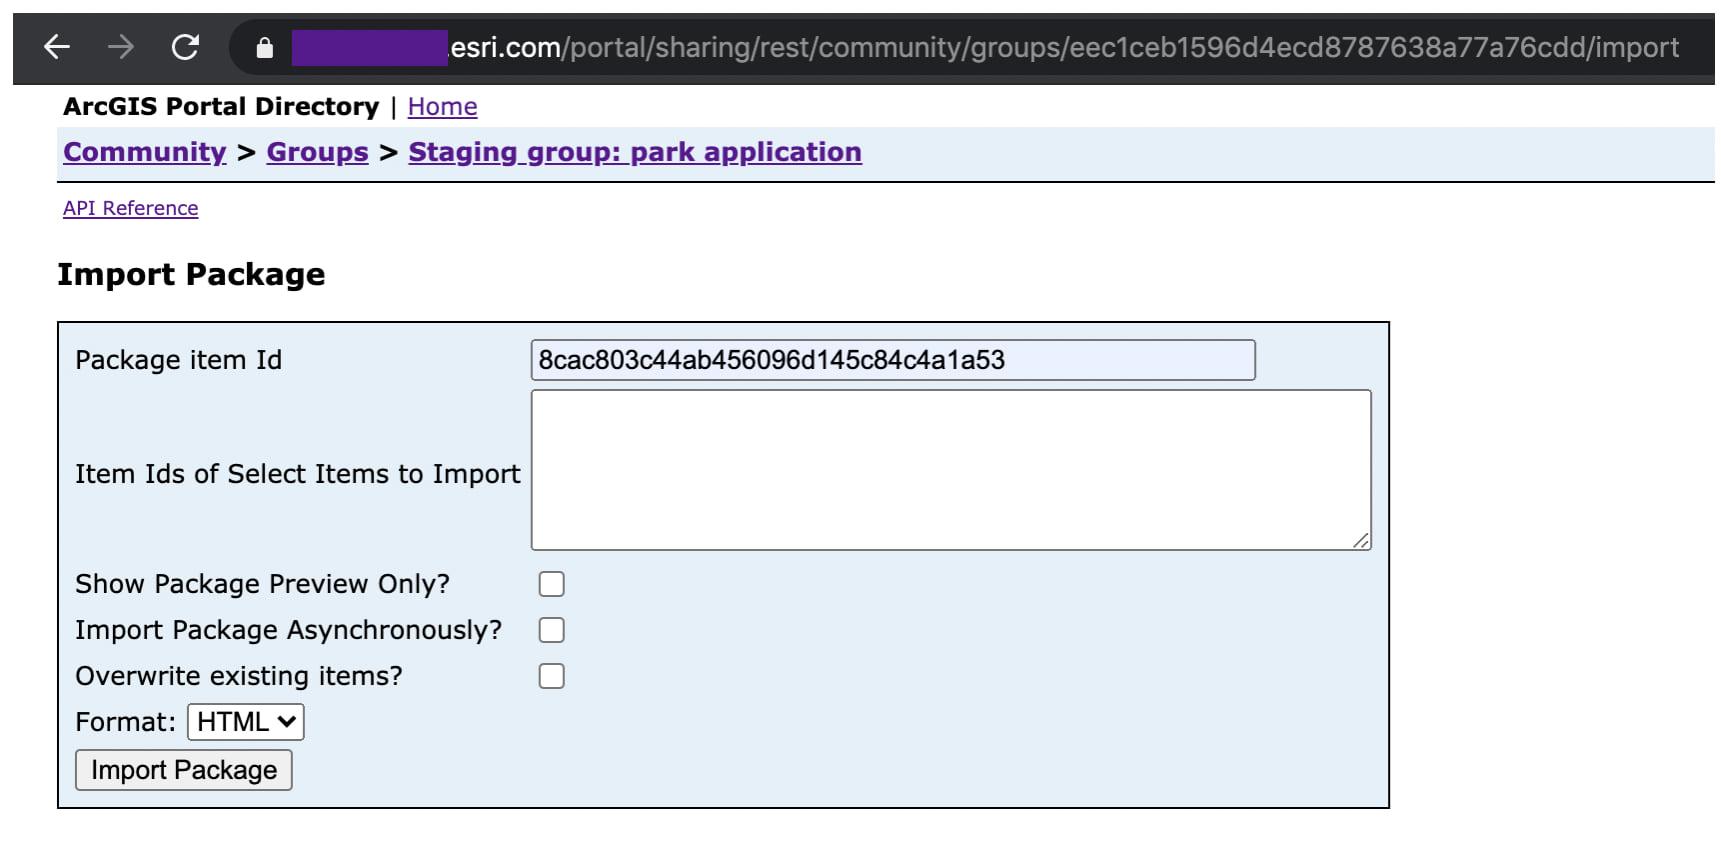 REST API for Import